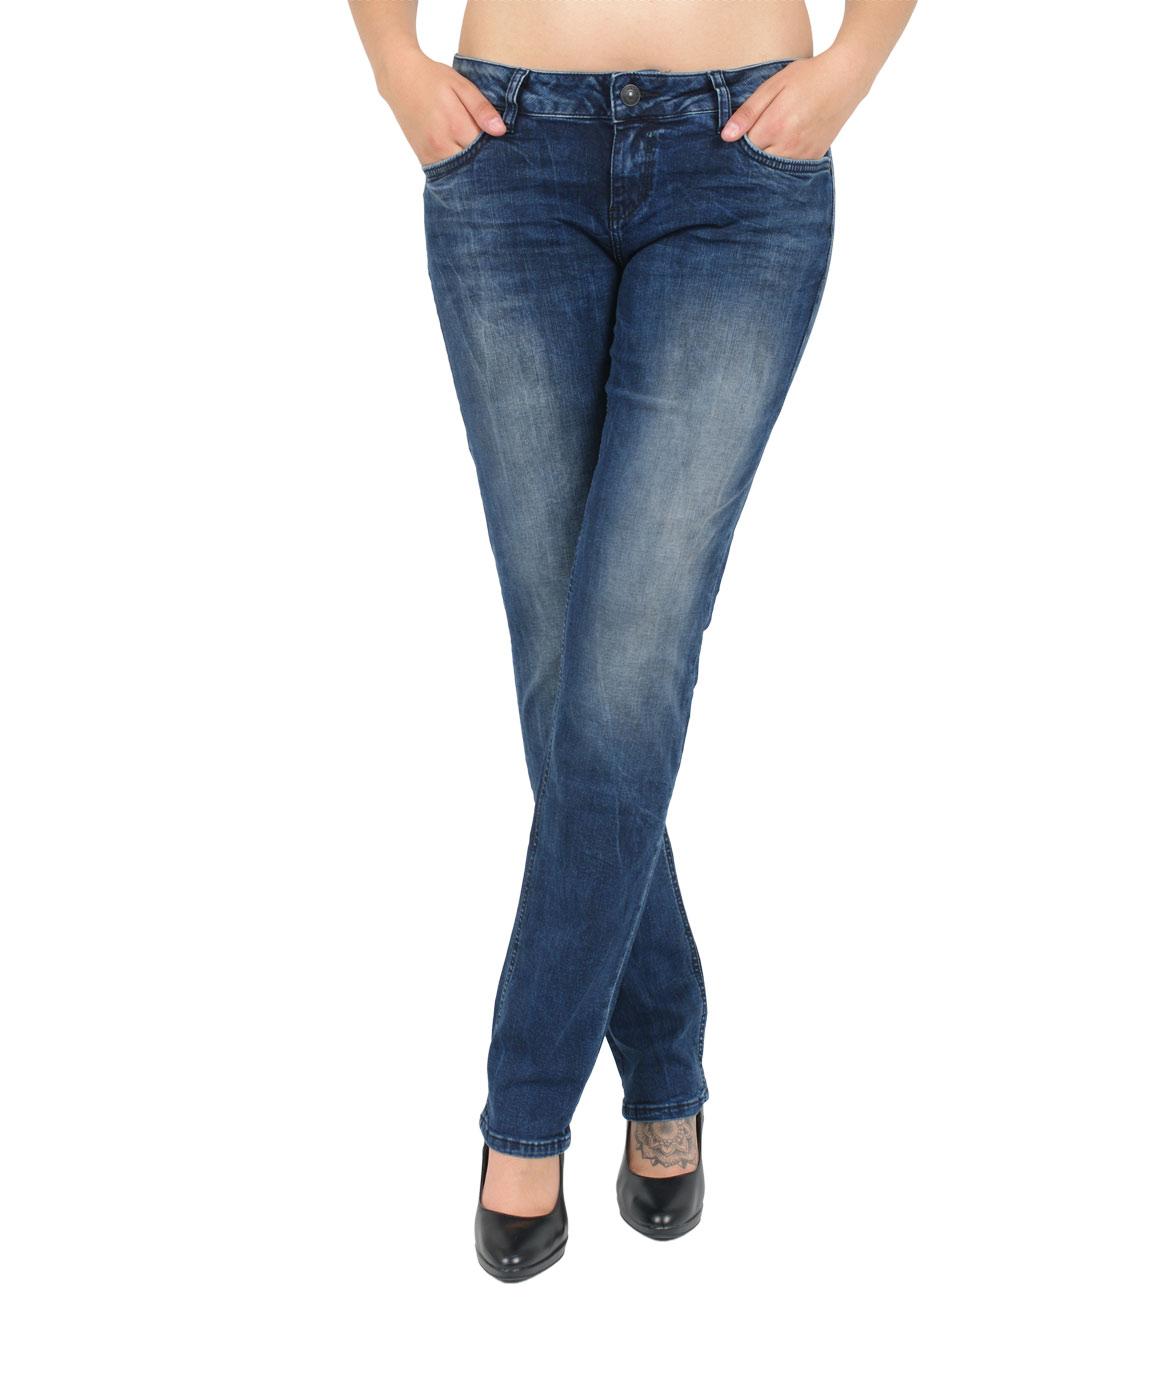 Hosen - LTB Slim Fit Jeans Aspen in Aisha  - Onlineshop Jeans Meile